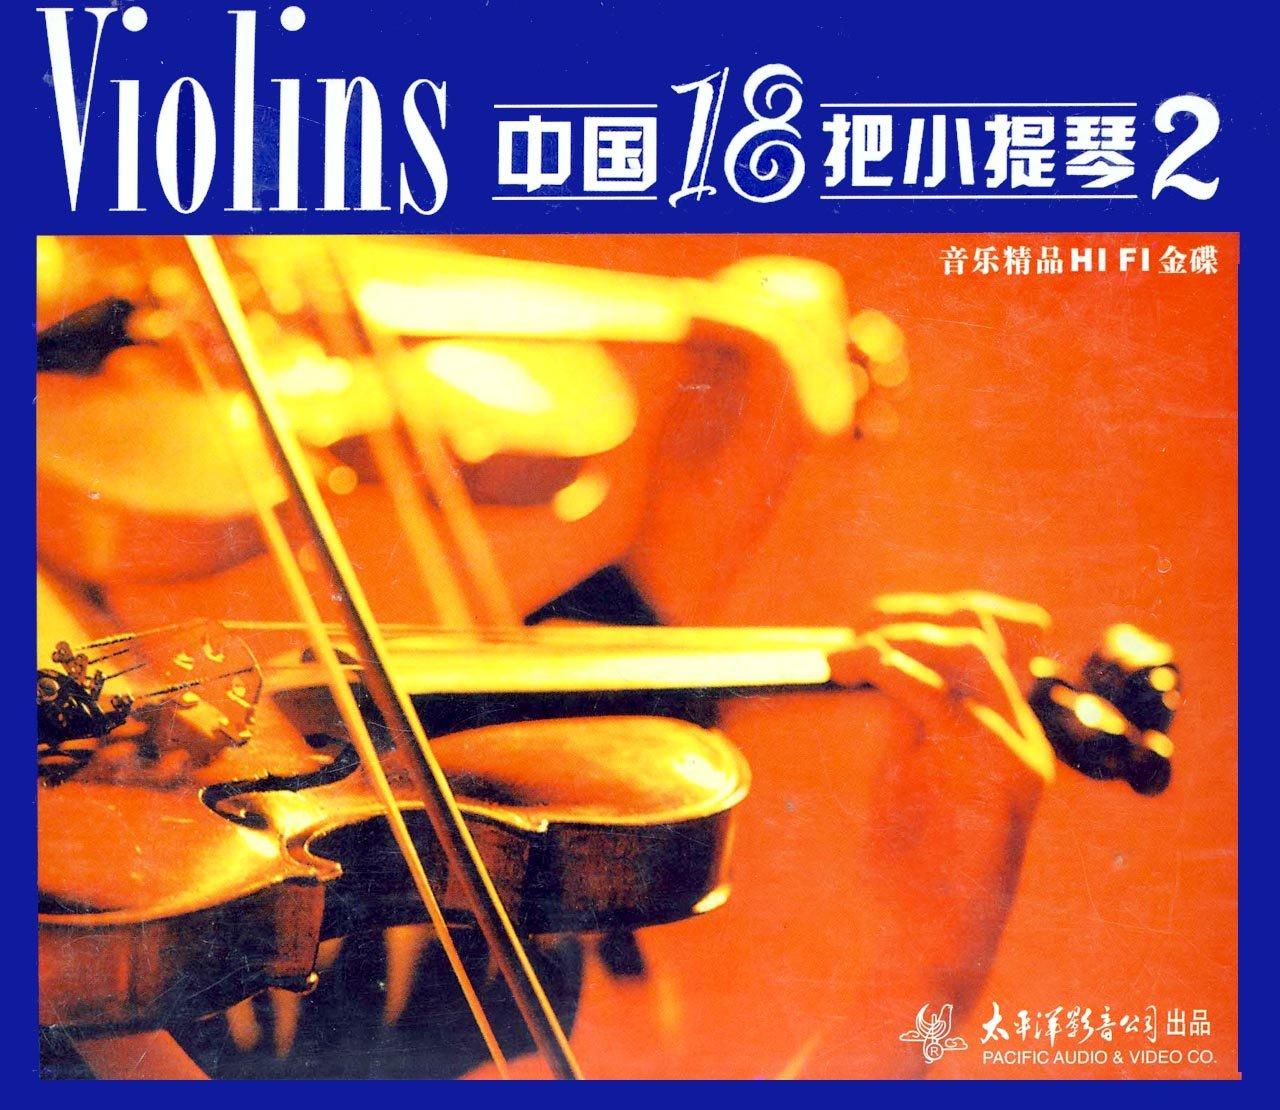 陈蓉晖小提琴白毛曲谱